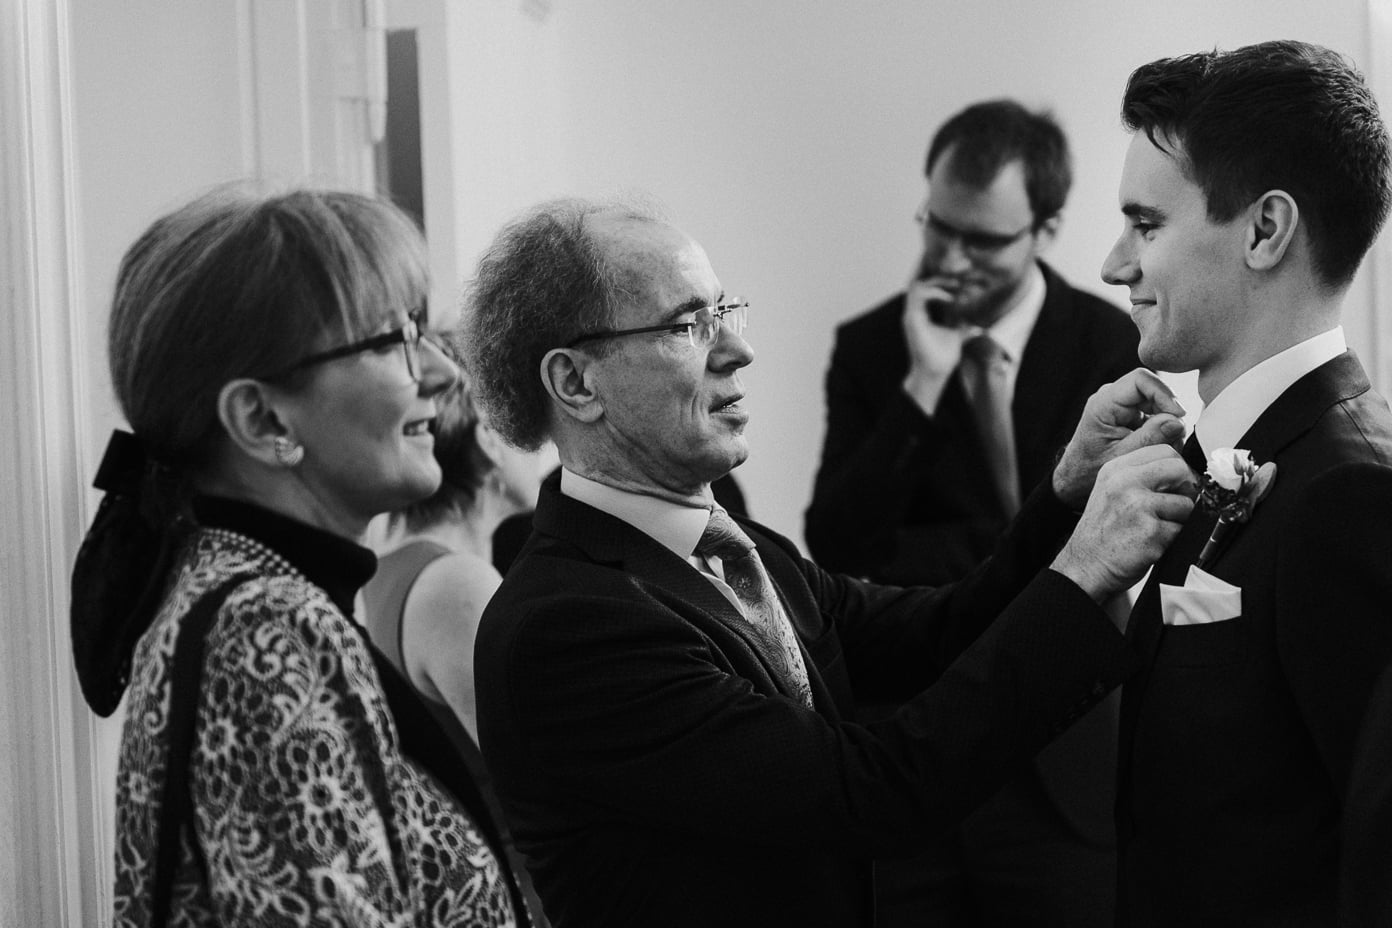 Die Krevatte des Bräutigams wird gerichtet